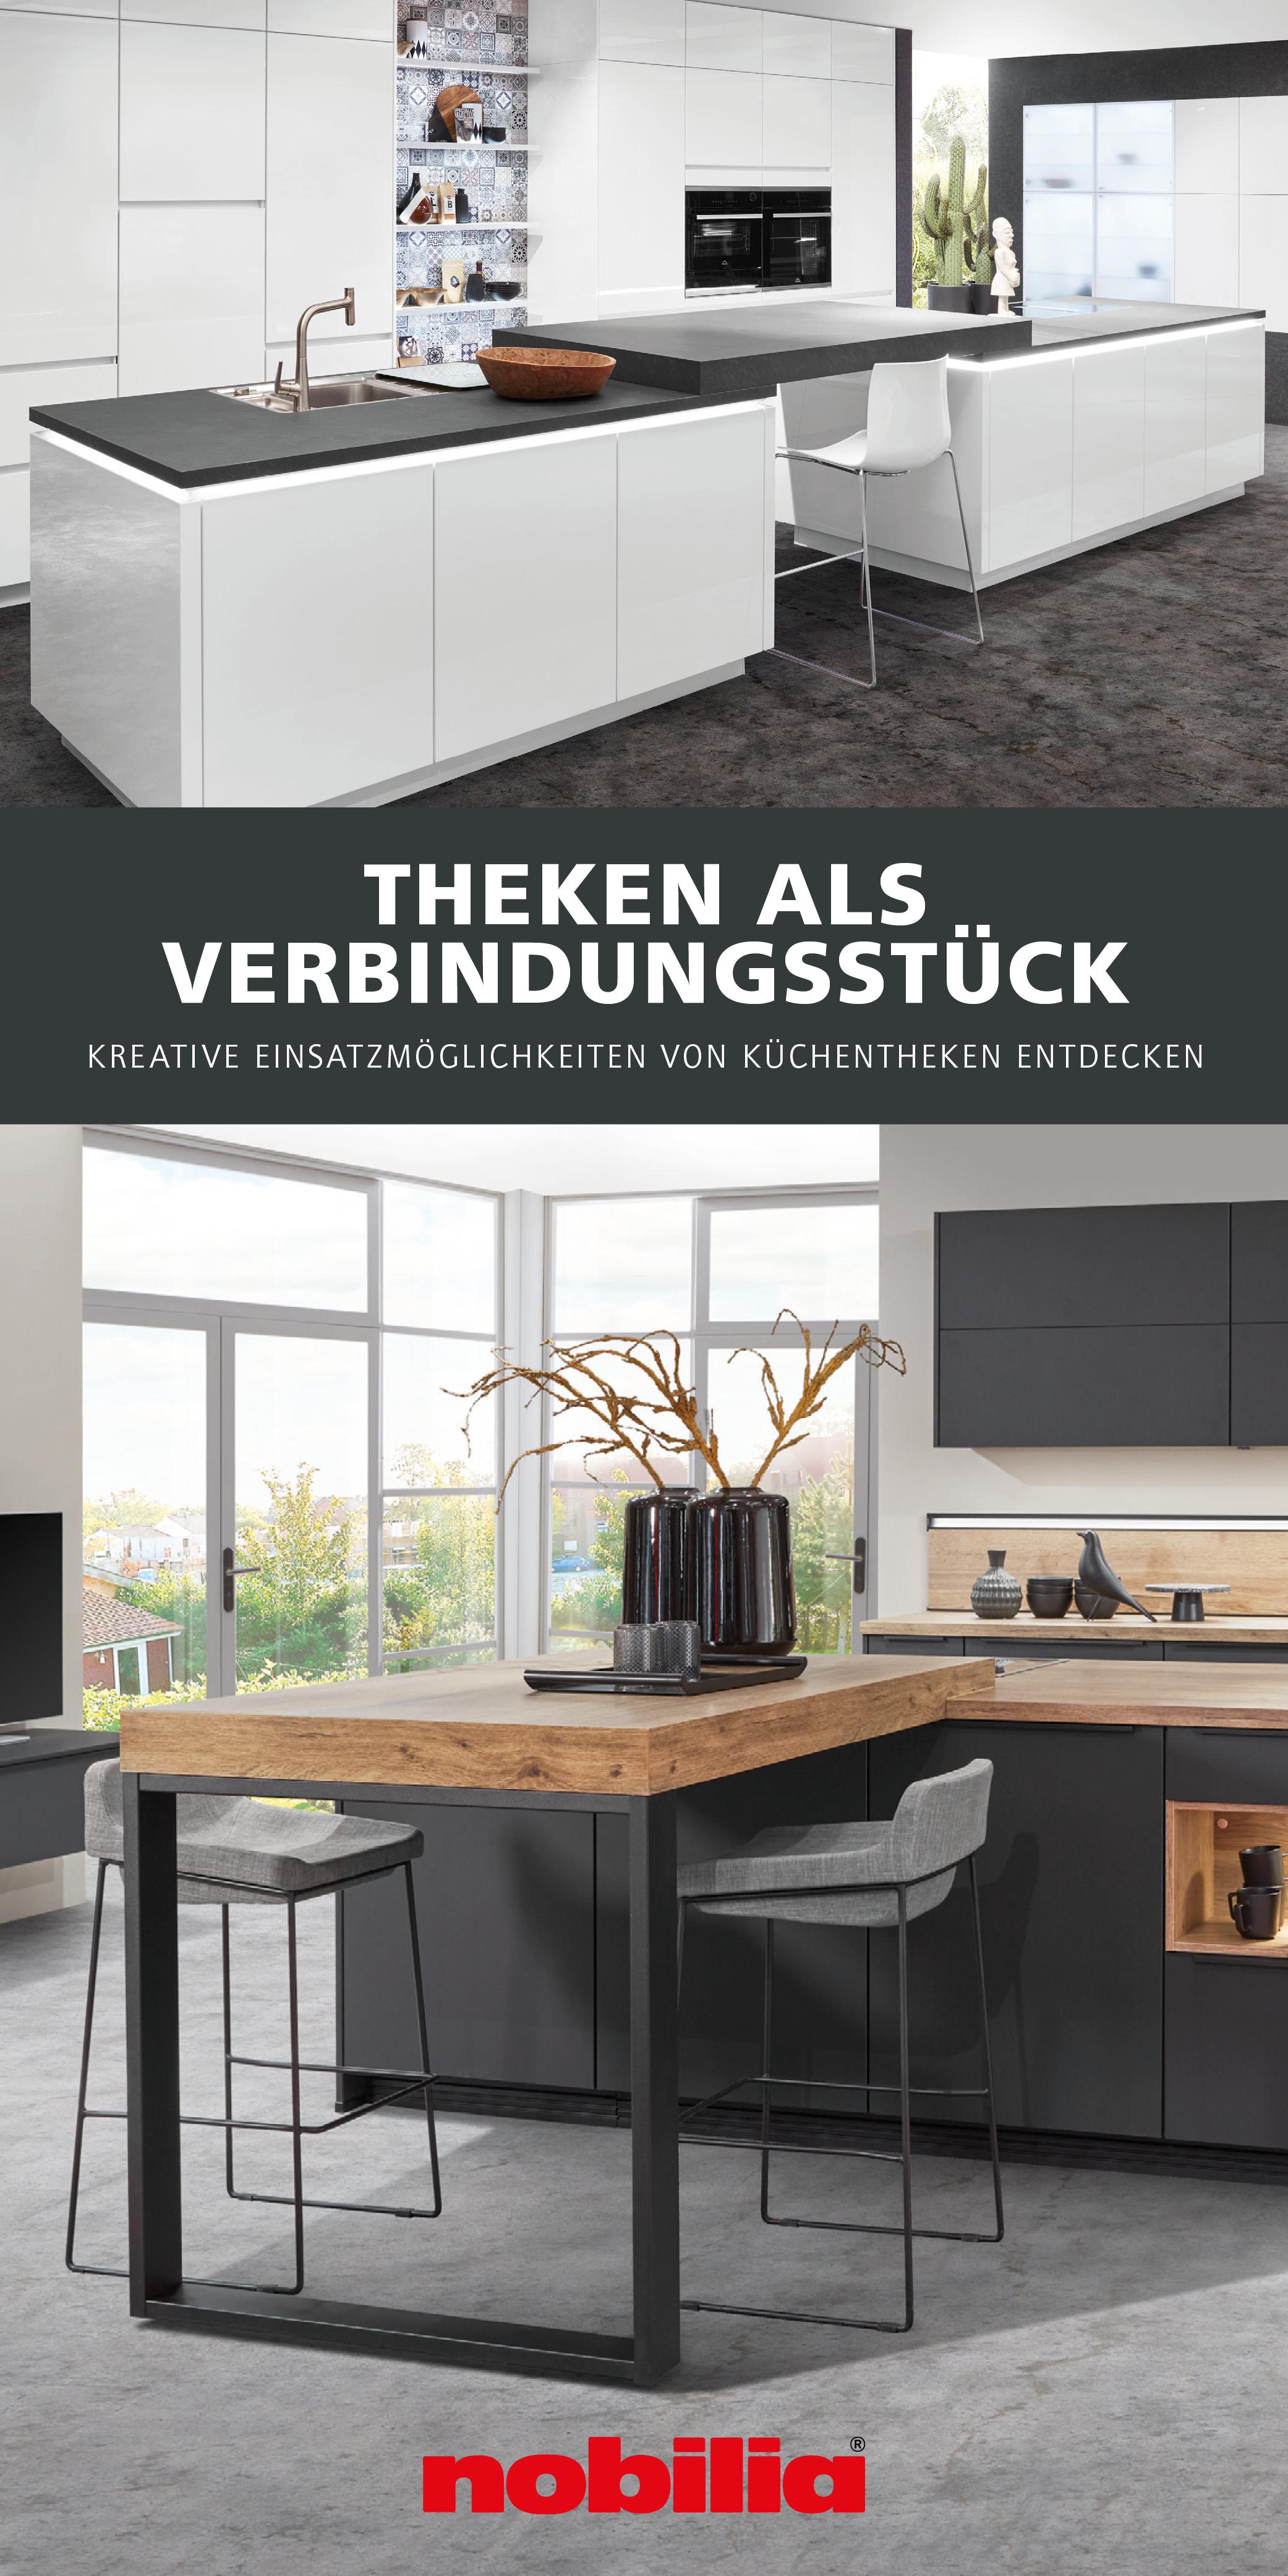 Vielfaltiger Einsatz Von Kuchentheken In 2020 Arbeitsflache Kuche Kuchen Design Kuche